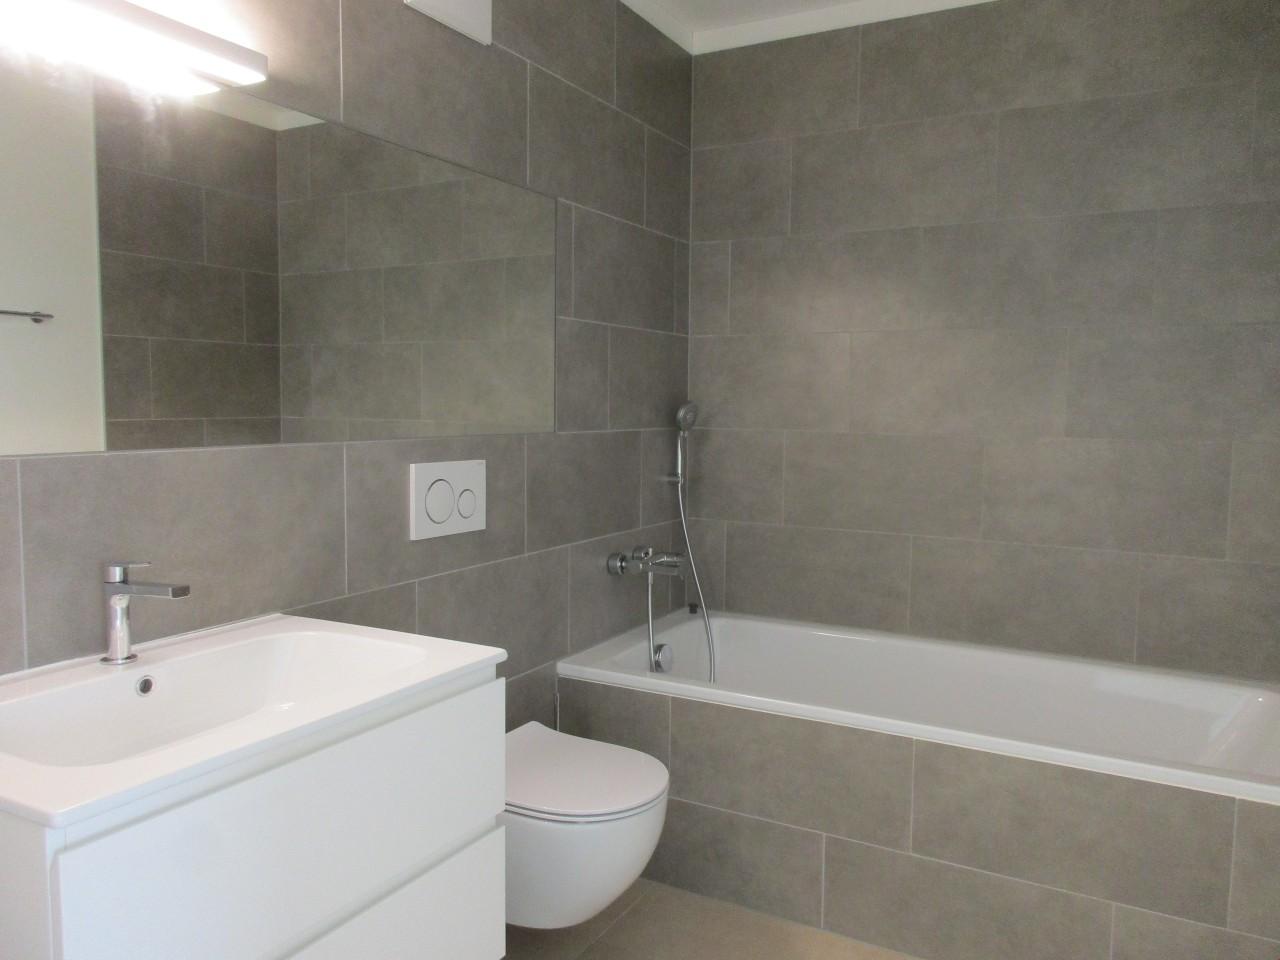 Lavandino Con Mobiletto Cucina : Losone nuovo appartamento di 4.5 locali con giardino privato 380